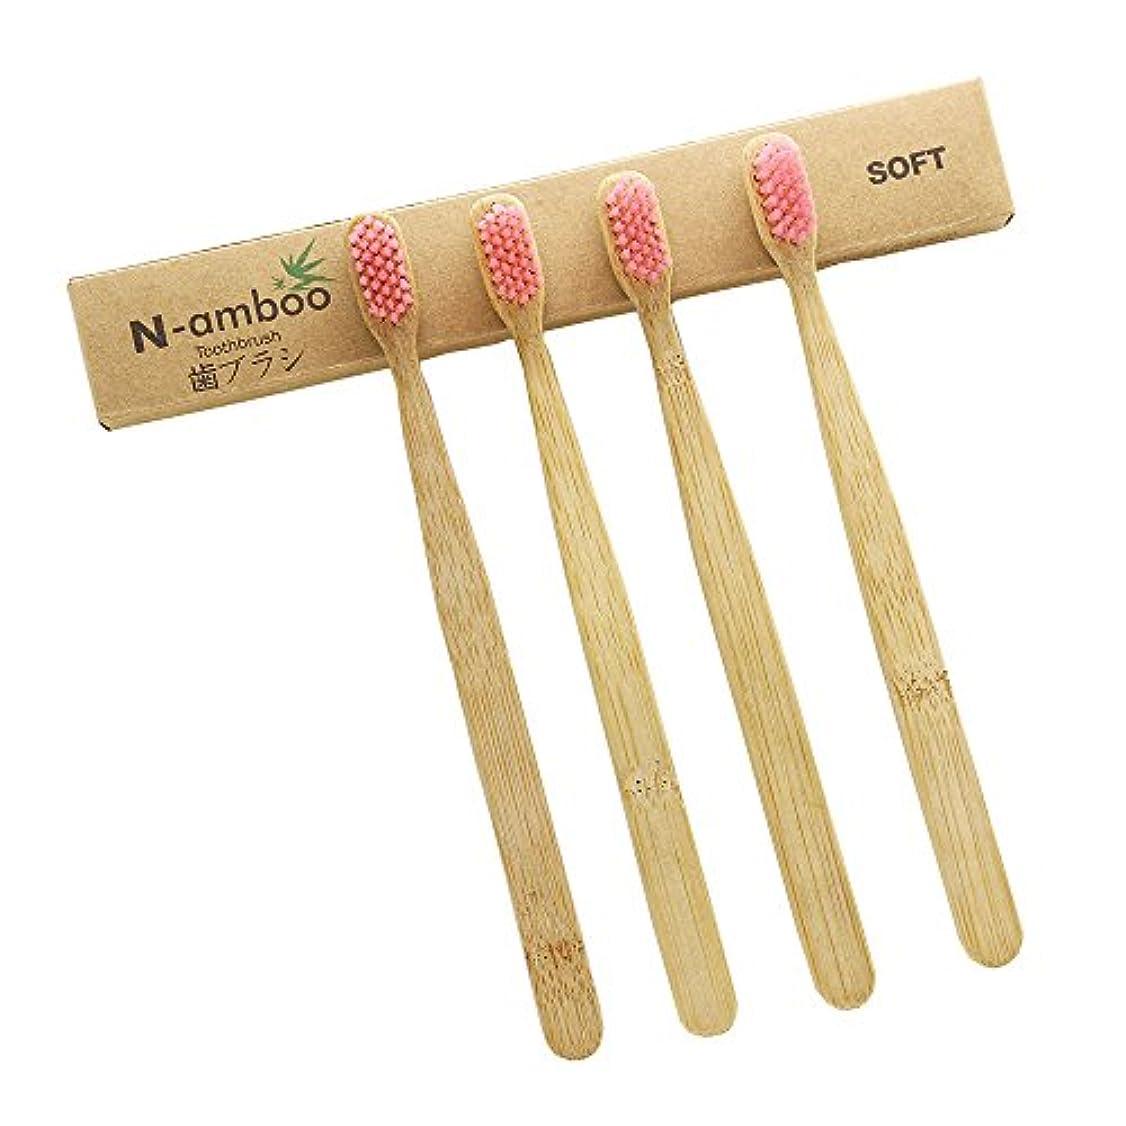 債務イチゴ同一のN-amboo 竹製 歯ブラシ 高耐久性 ピンク エコ 色あざやか (4本)